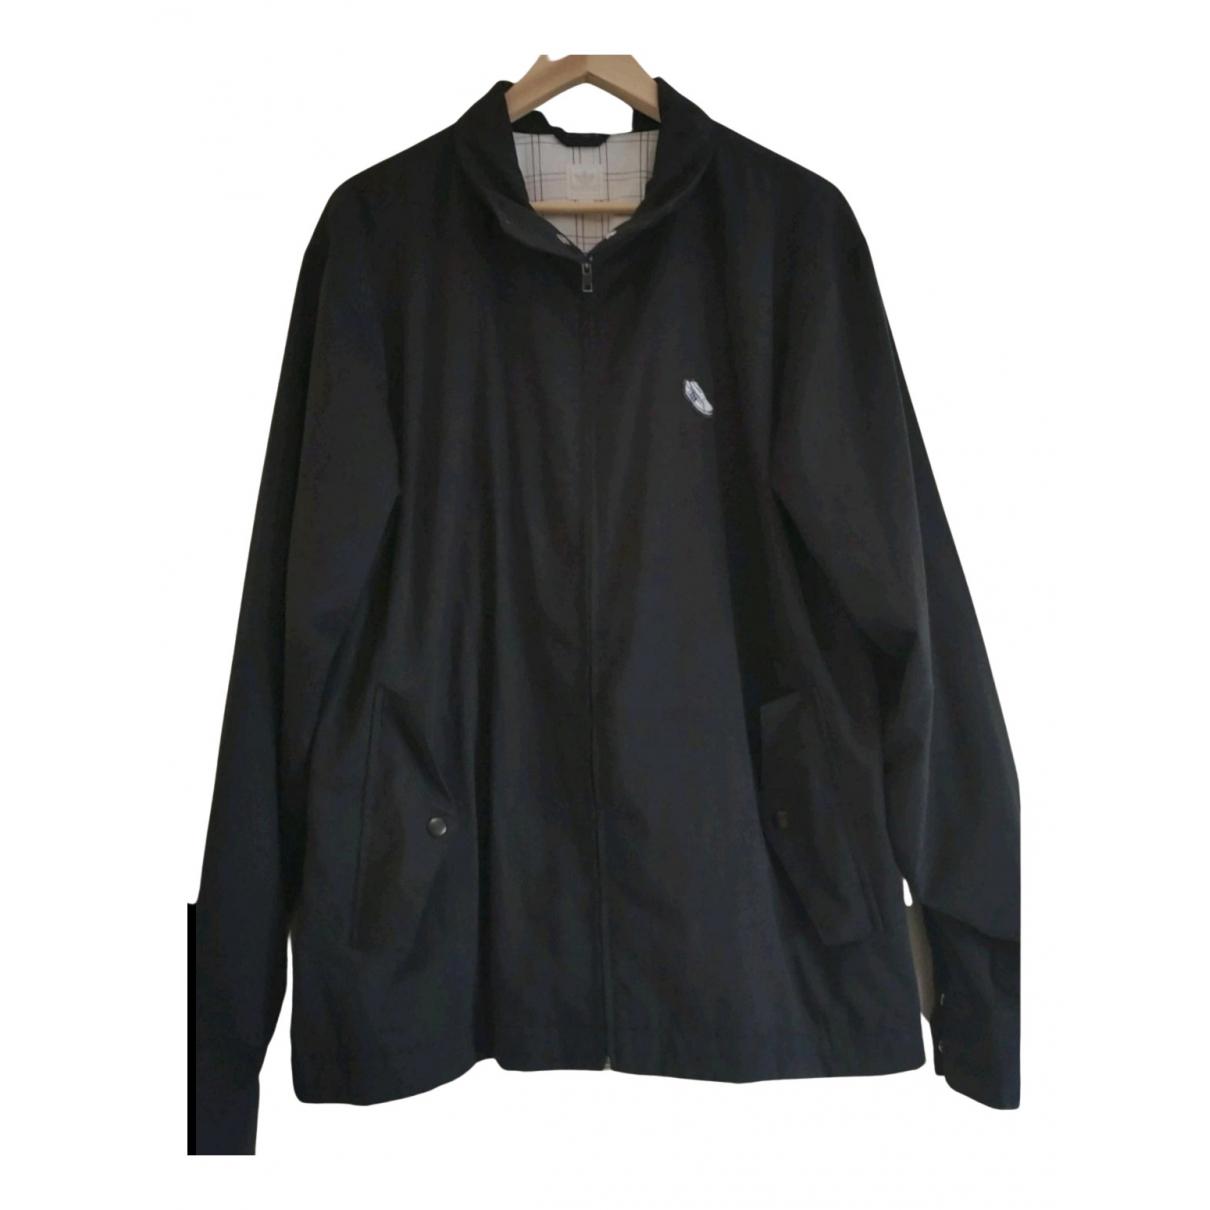 Adidas - Vestes.Blousons   pour homme en autre - noir